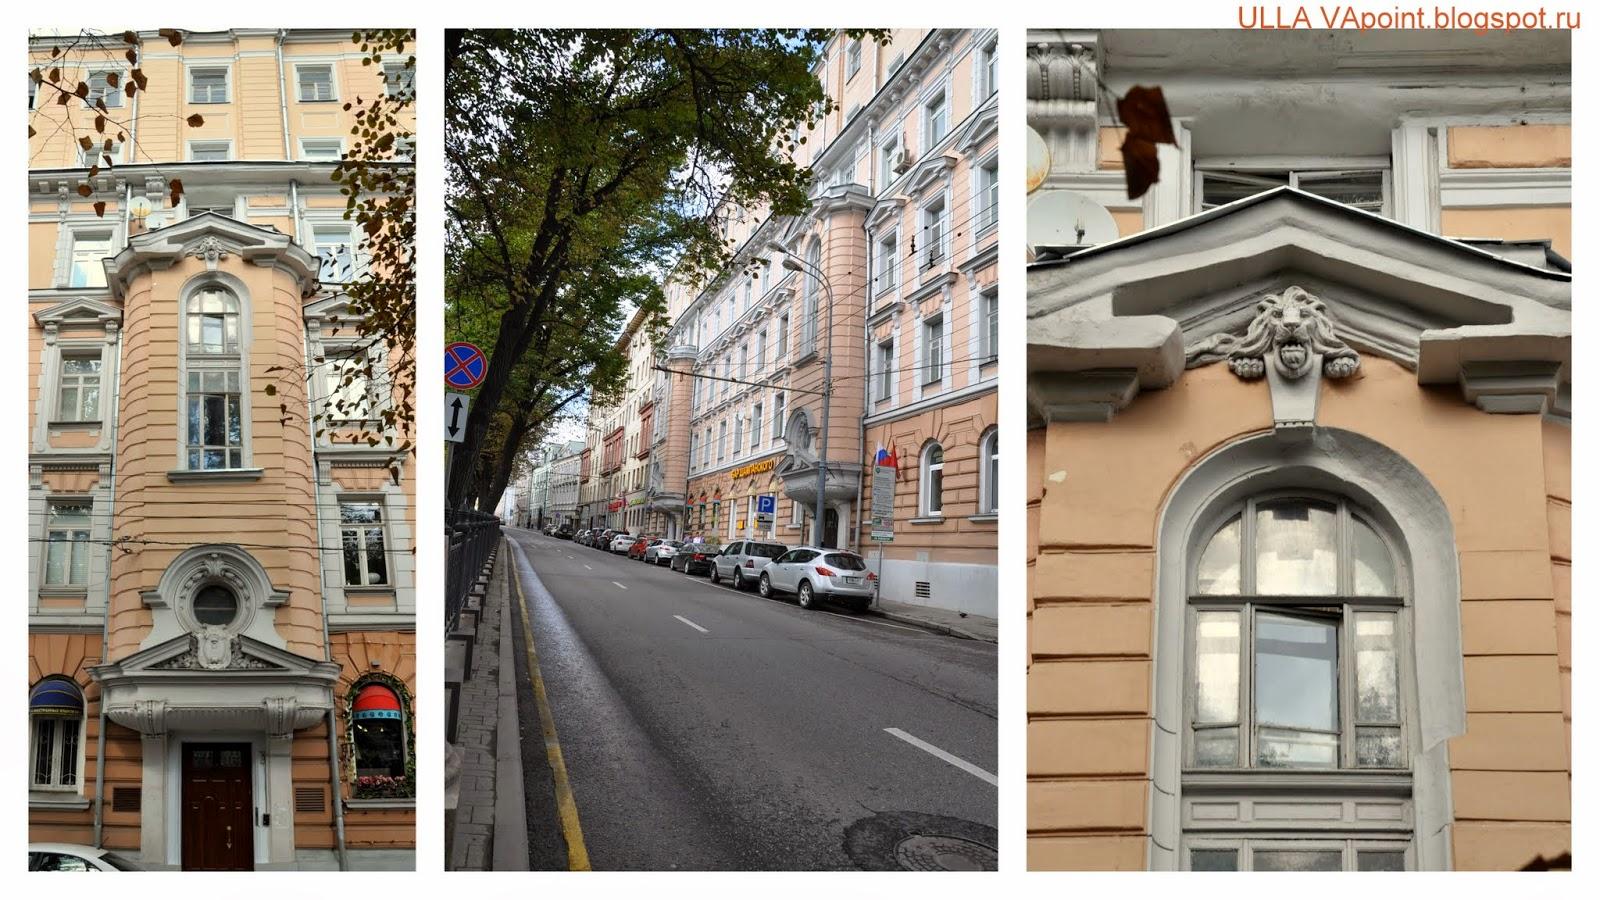 Петровский бульвар розовый дом